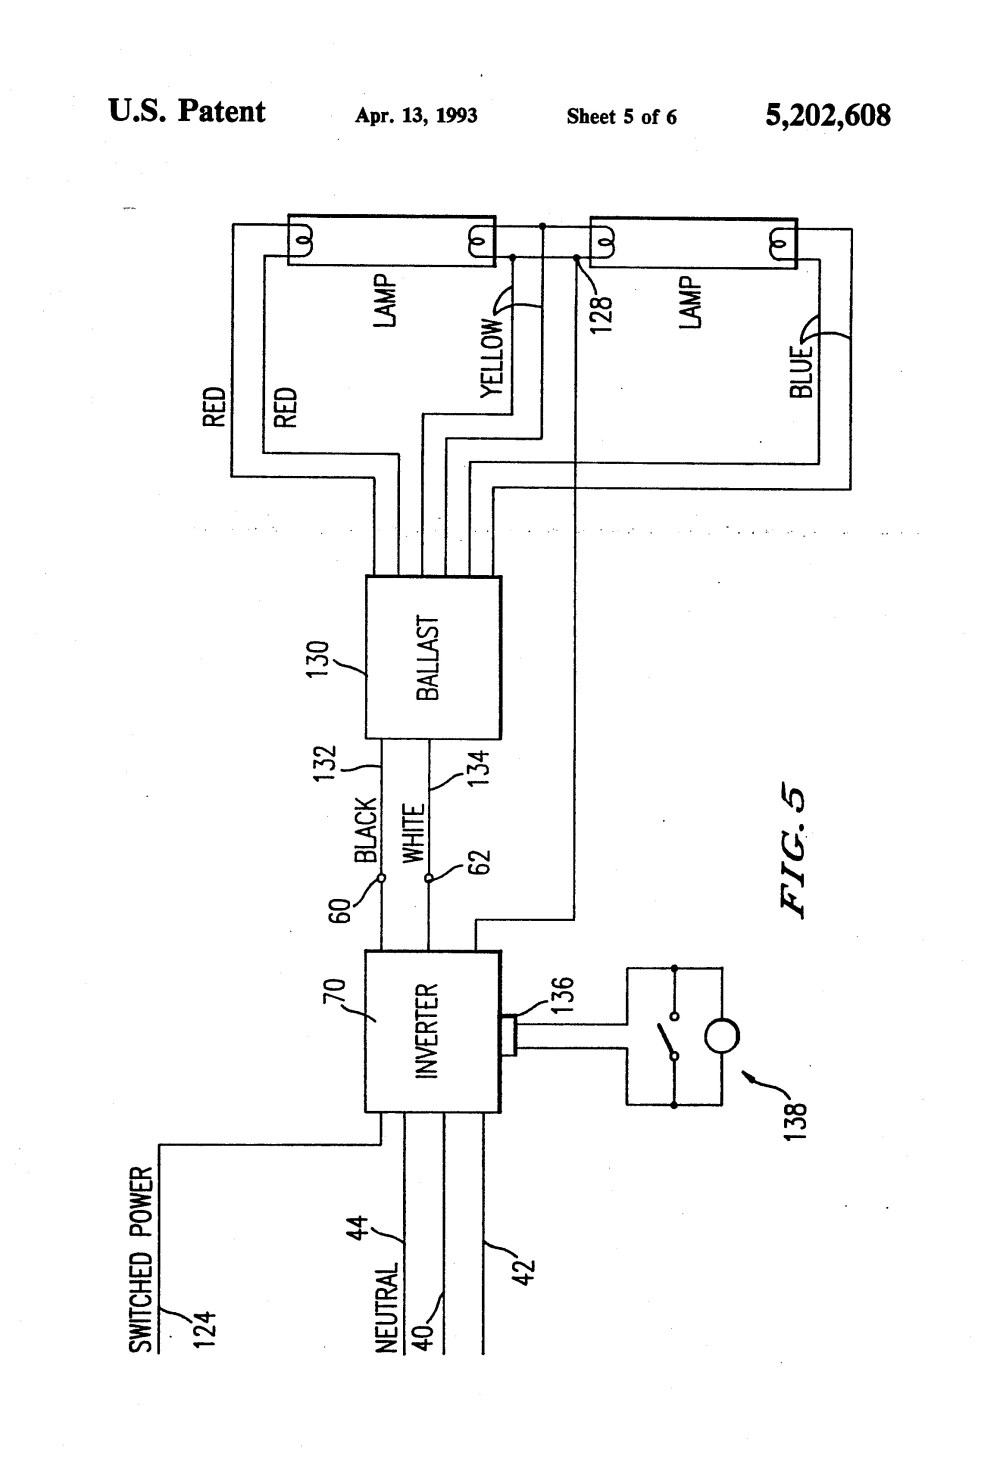 medium resolution of workhorse abs wiring schematic 17 6 fearless wonder de u2022workhorse abs wiring schematic wiring diagram